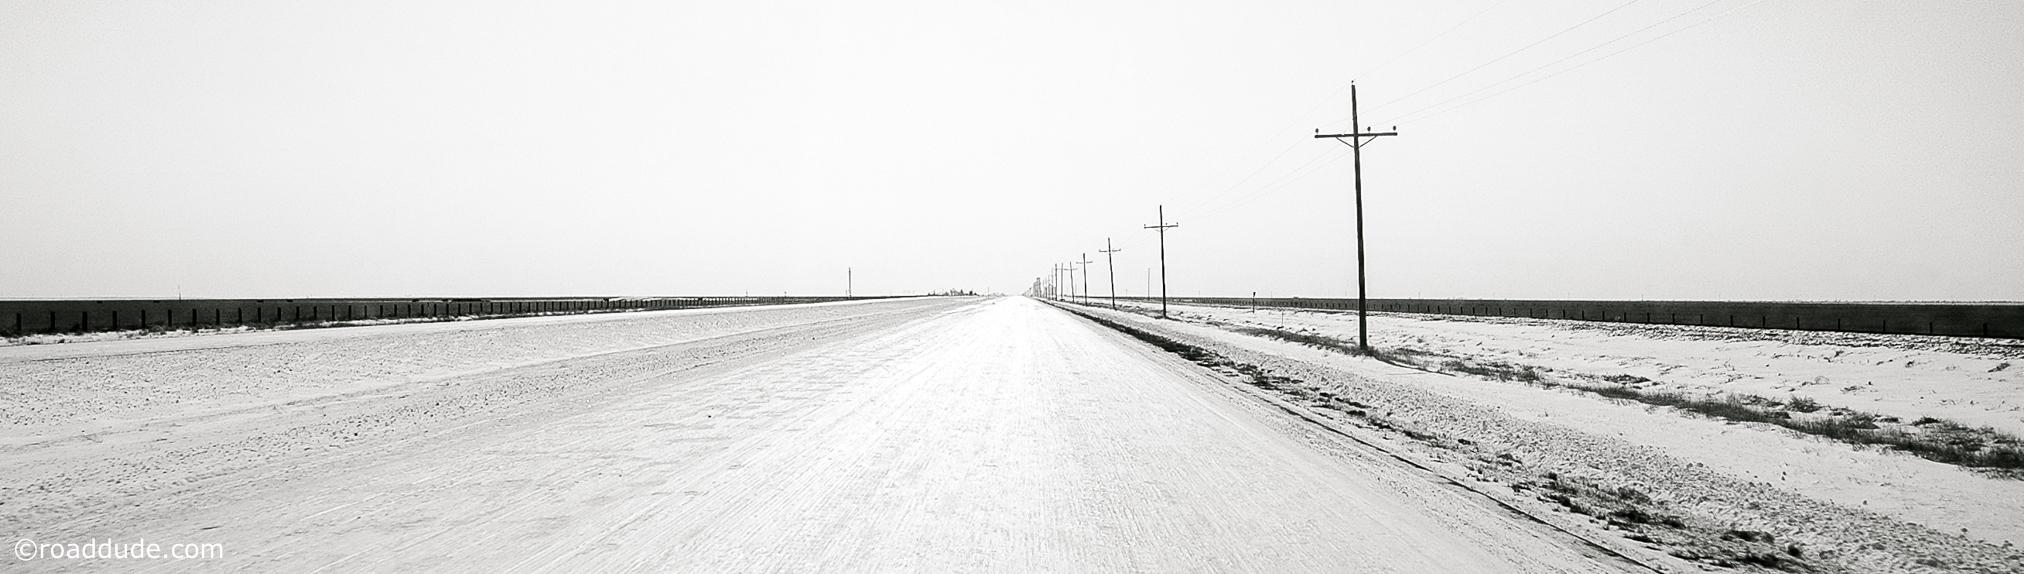 Long, icy road outside Boise City, Oklahoma